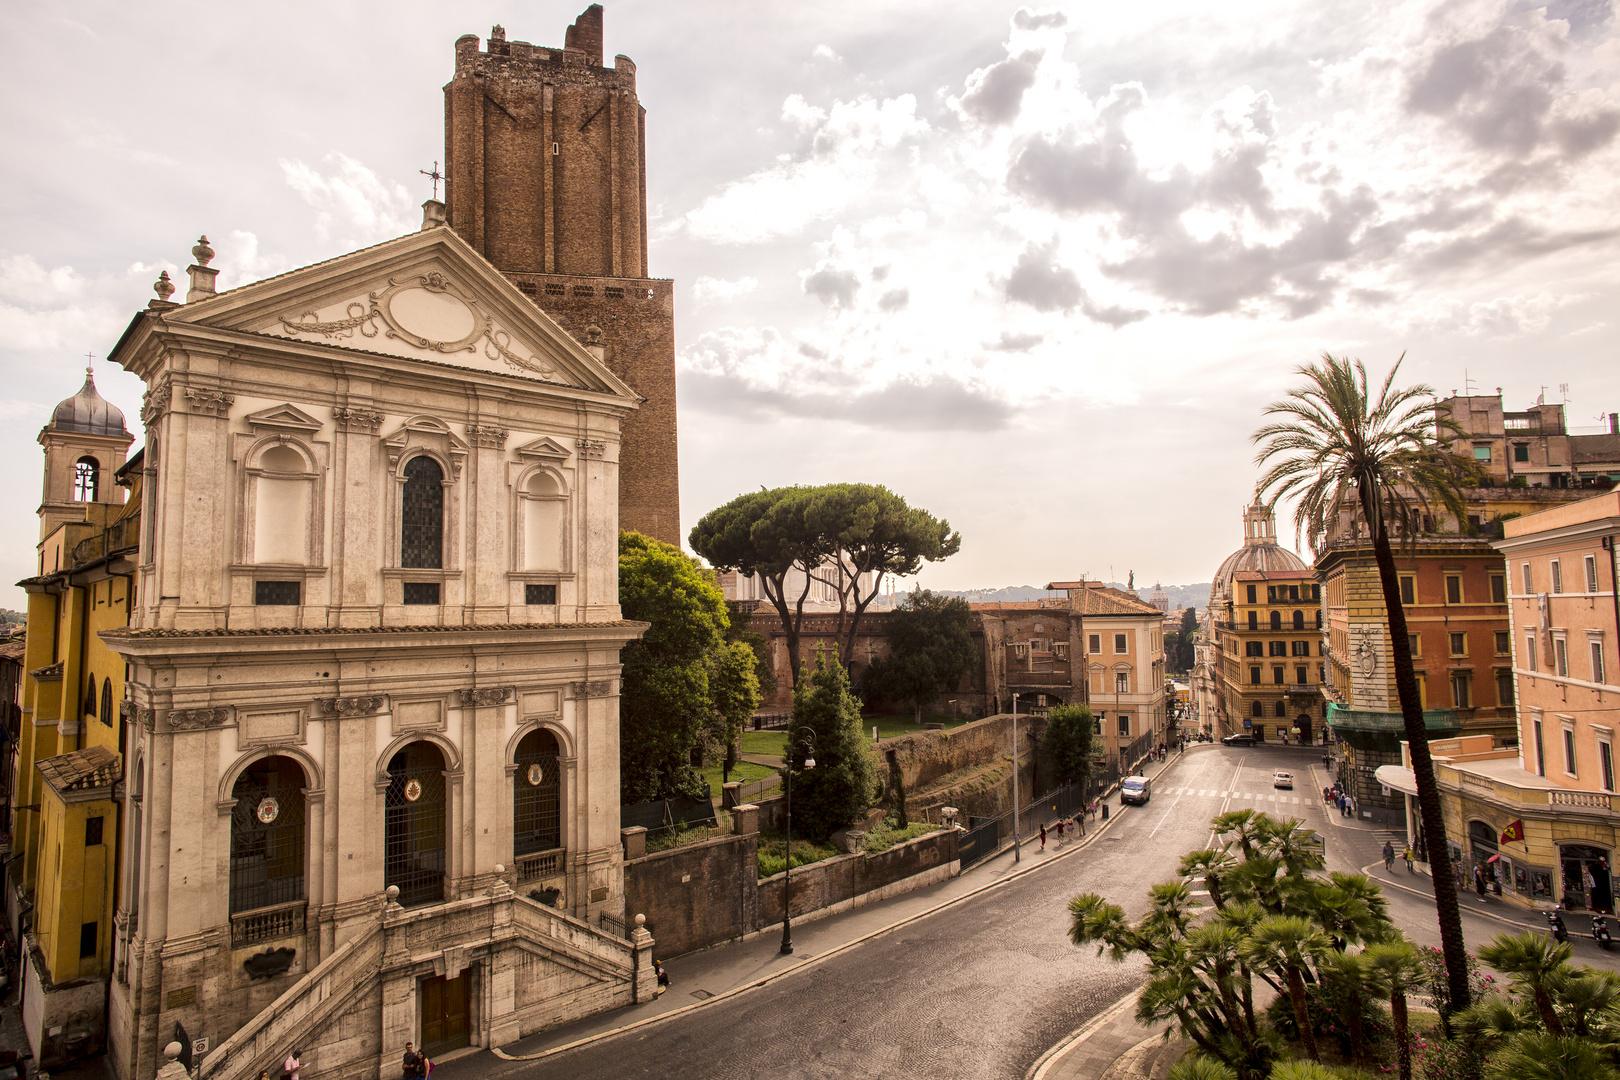 Almeno tre epoche storiche a Roma, in un colpo d'occhio